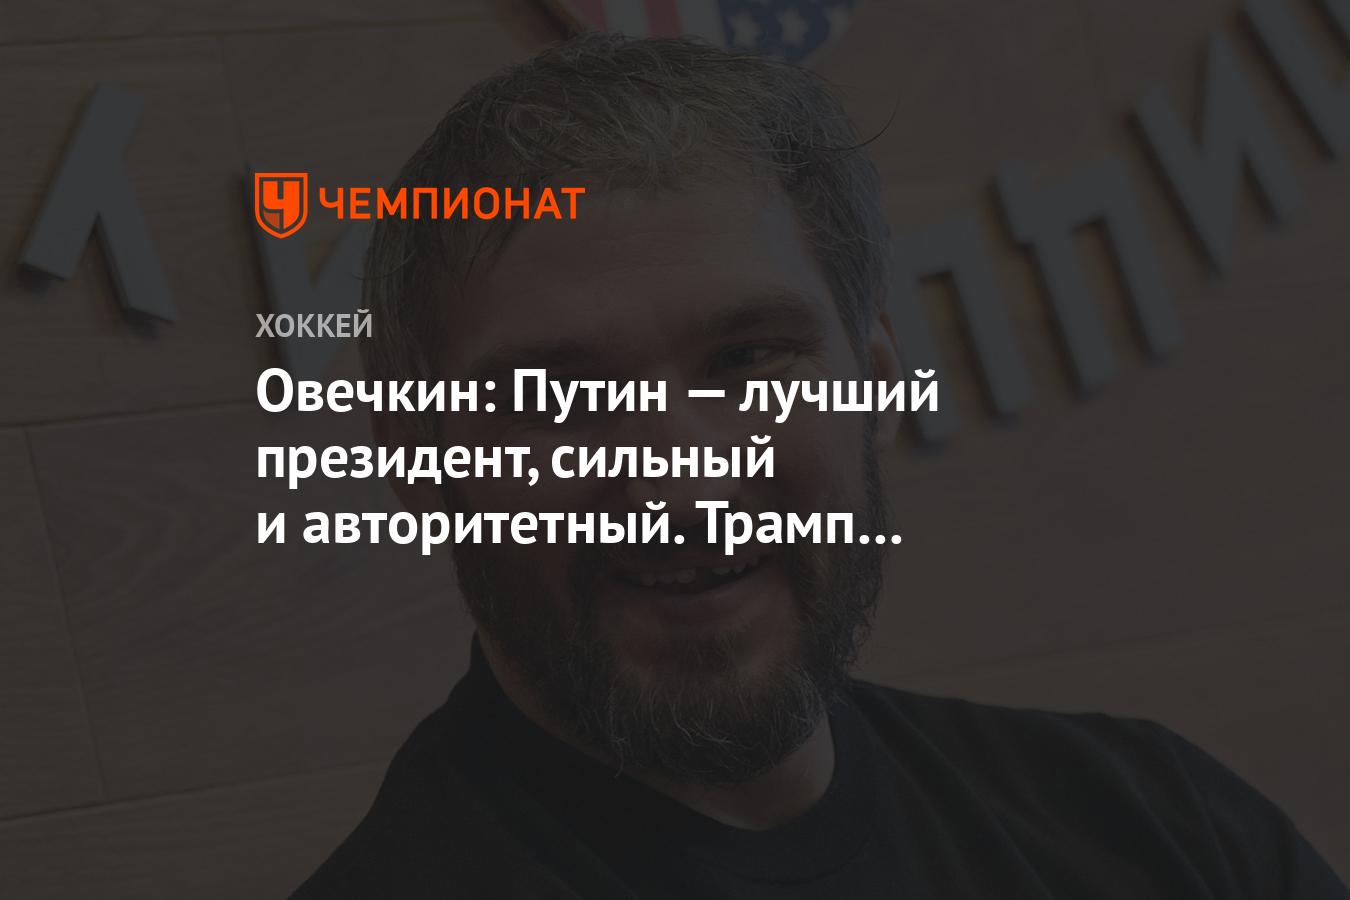 Овечкин: Путин — лучший президент, сильный и авторитетный.  Трамп — просто нормальный мужик